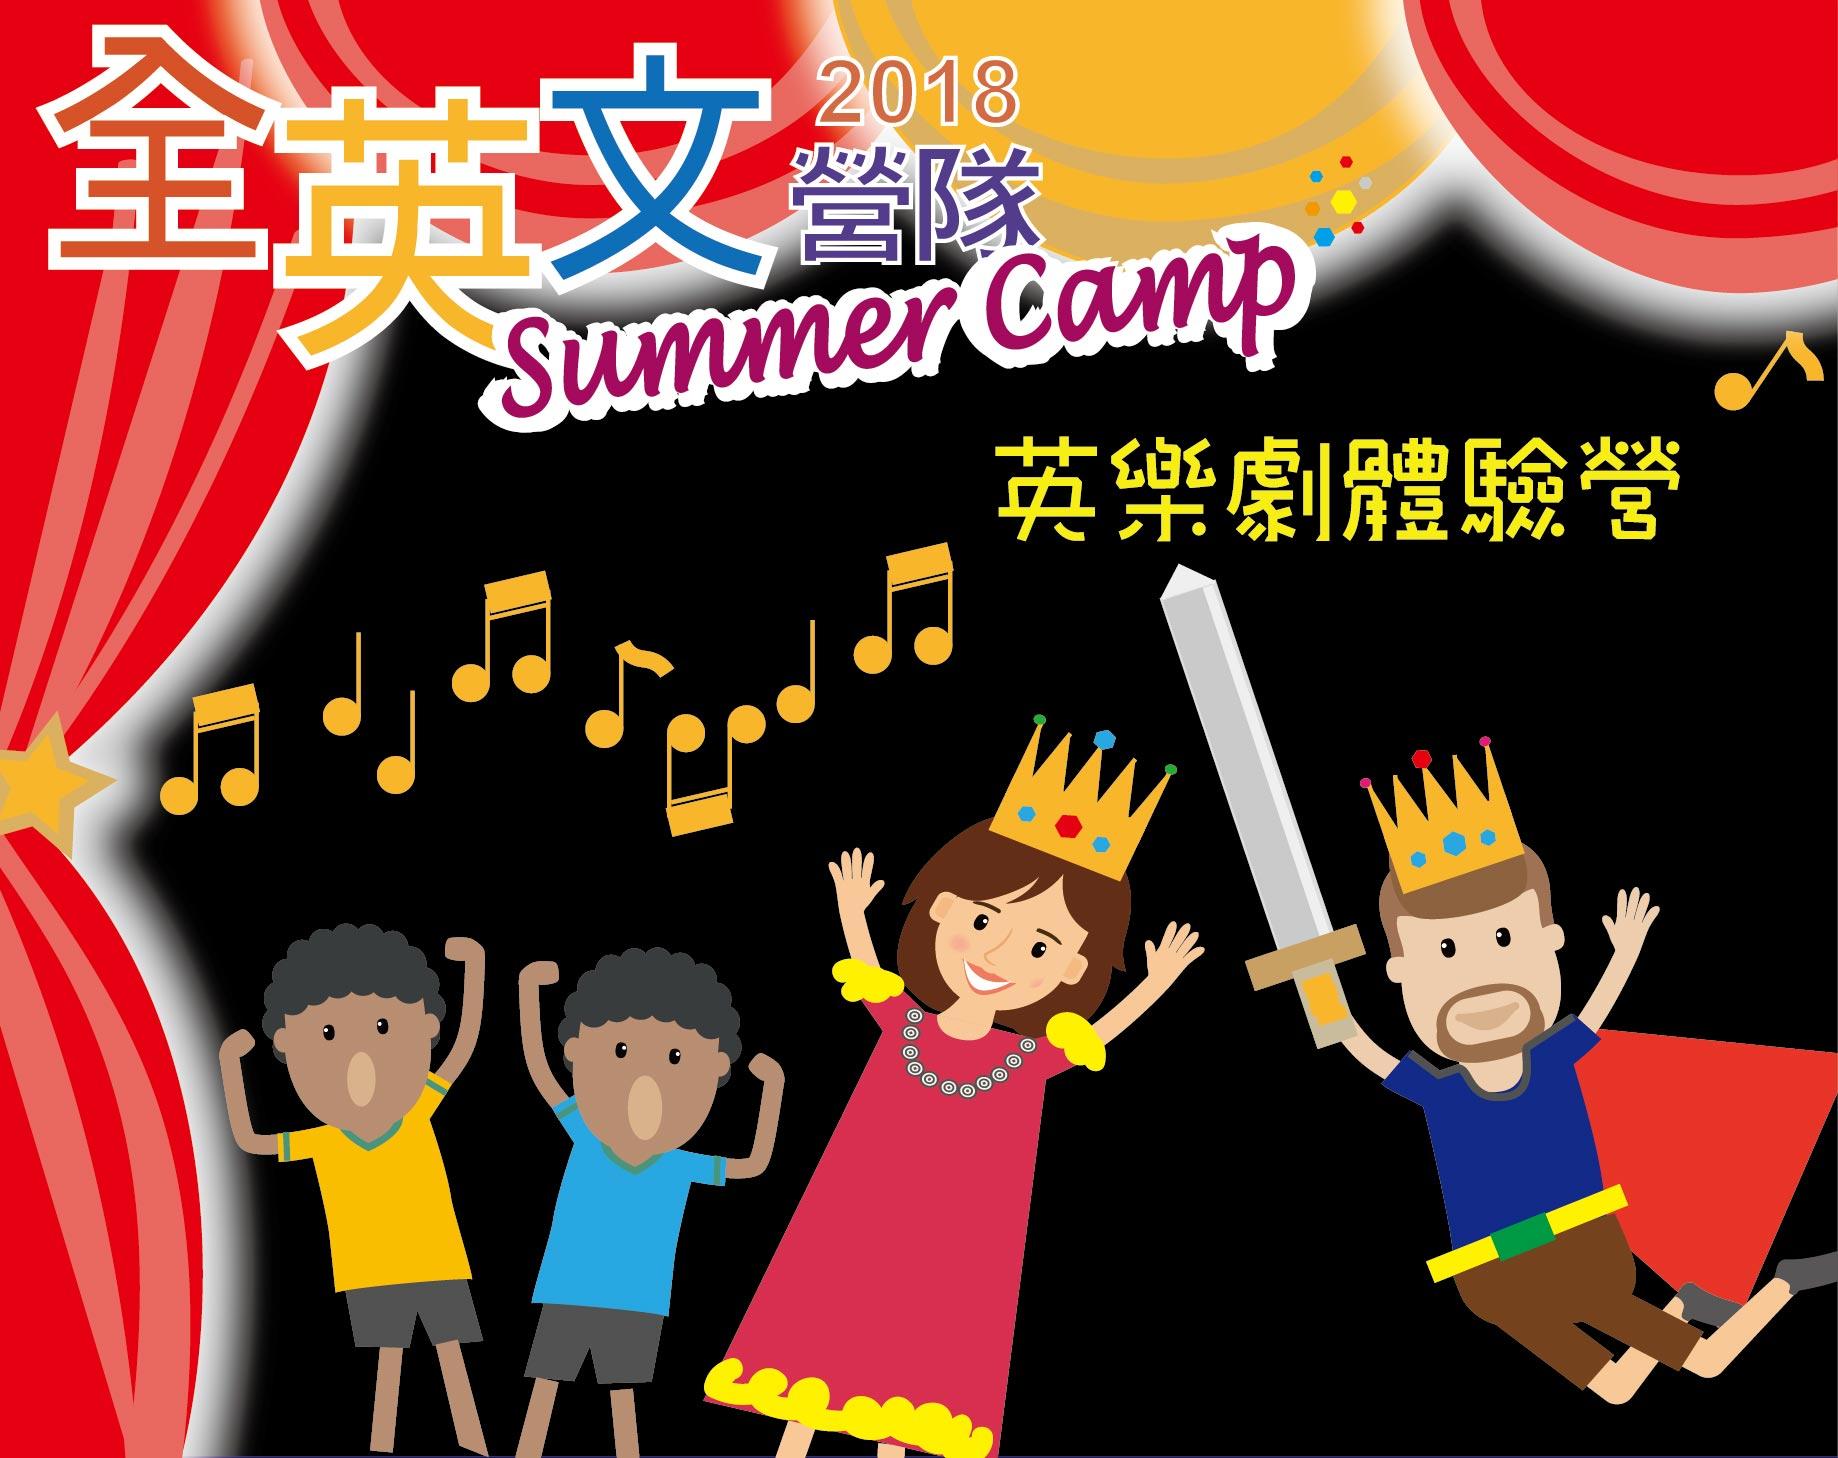 2018 夏令營 英樂劇